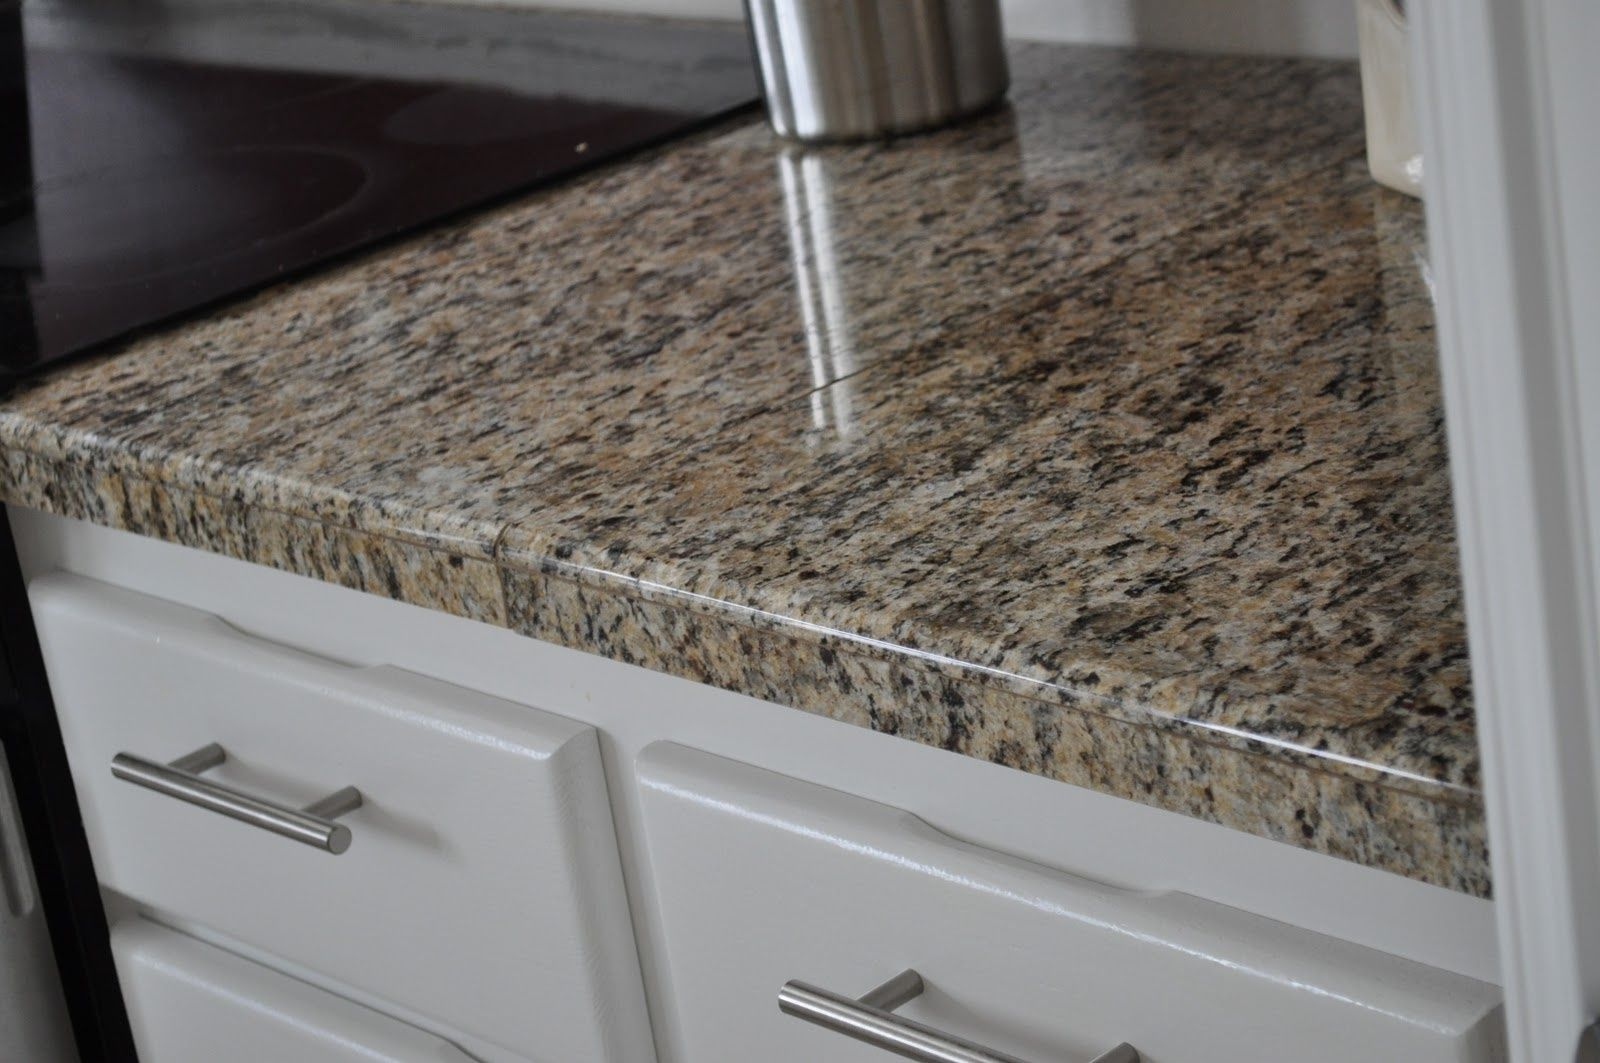 2019 Granite Countertop Edge Finishes Kitchen Cabinets